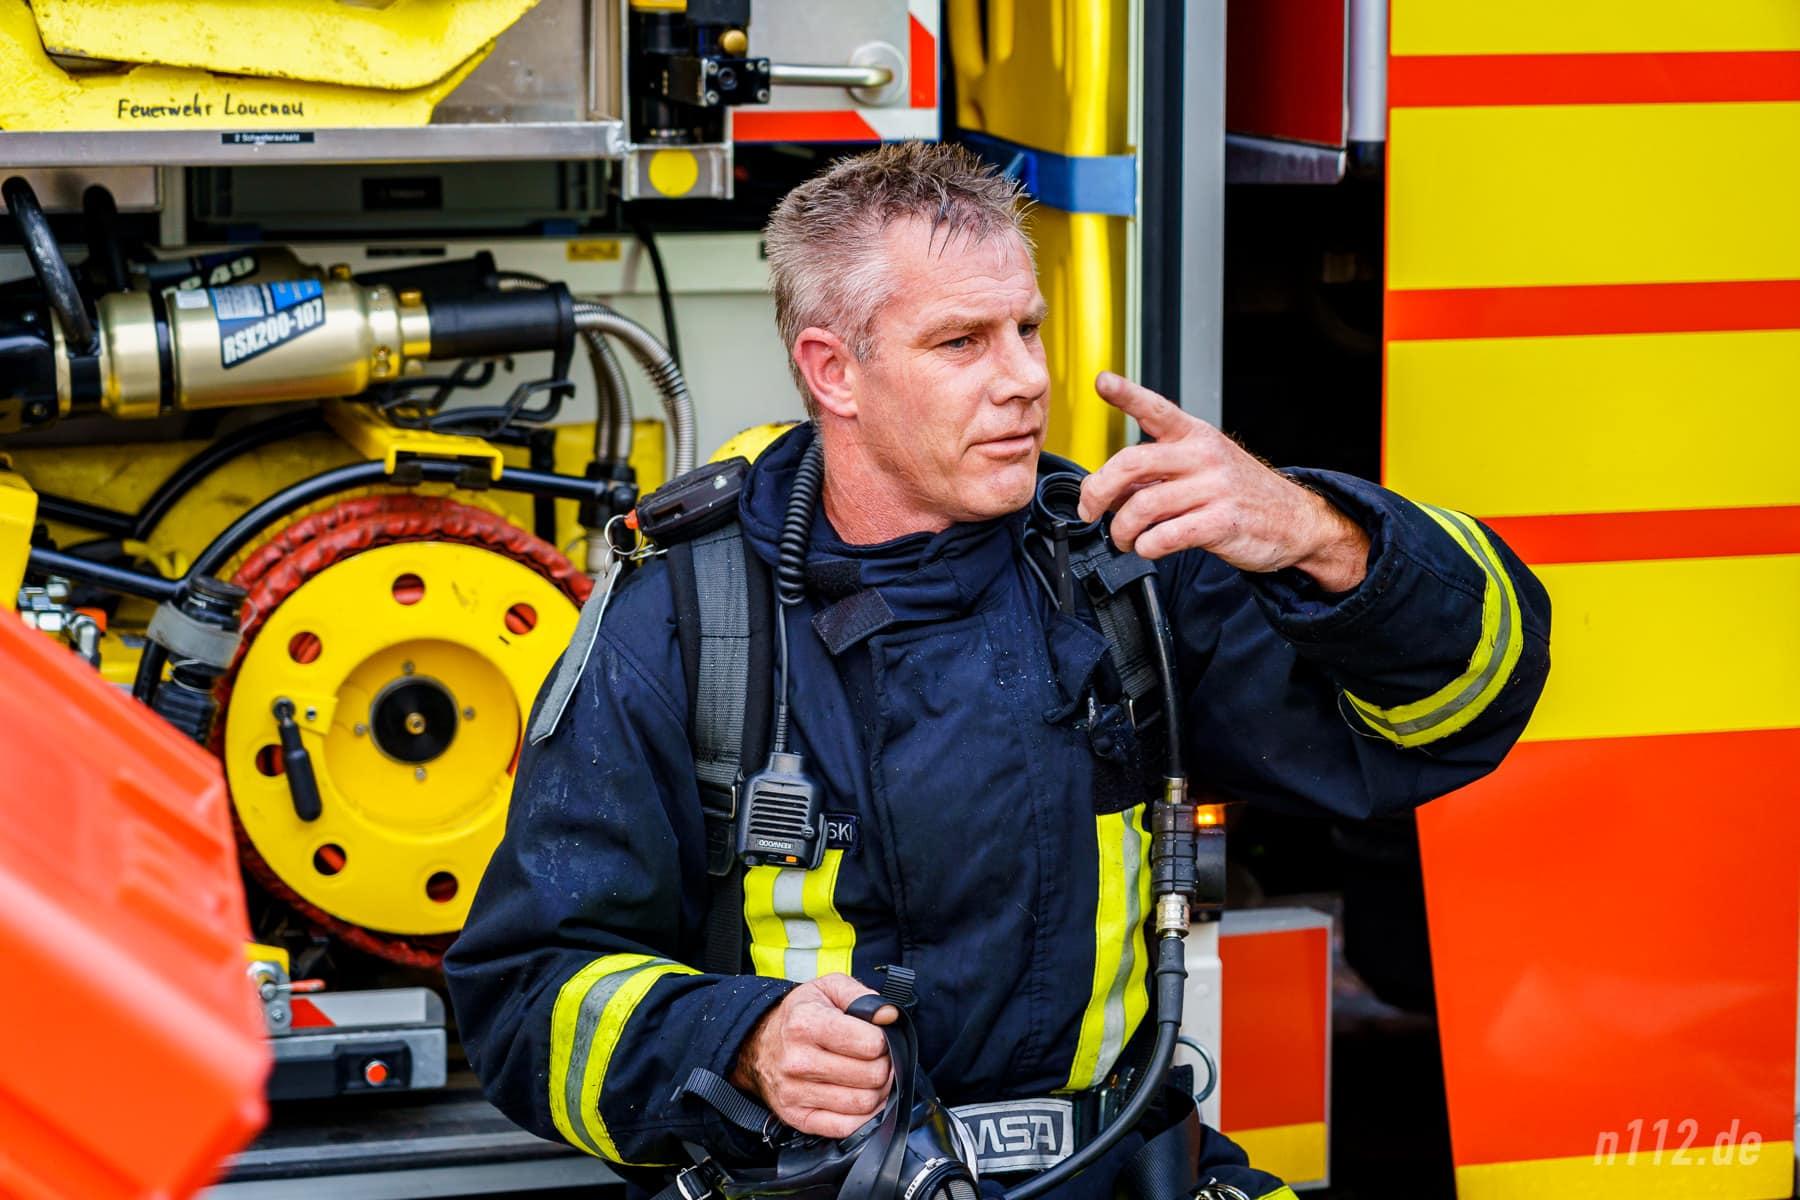 Ordentlich verschwitzt und mit verrauchter Einsatzkleidung sitzt dieser Feuerwehrmann nach seinem Einsatz unter Atemschutz an einem Löschfahrzeug (Foto: n112.de/Stefan Simonsen)